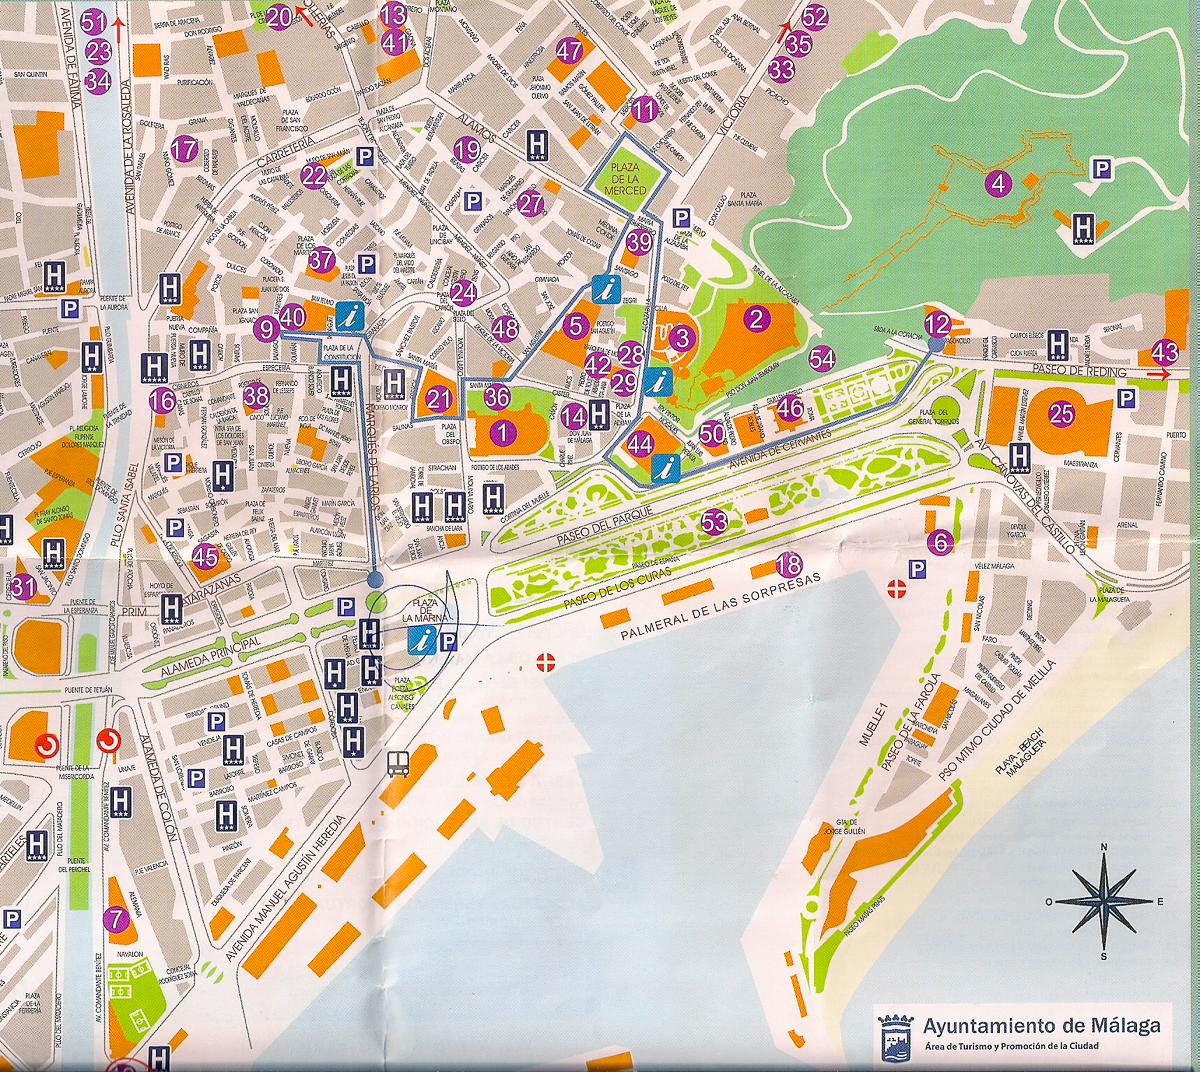 Stadtplan von Malaga